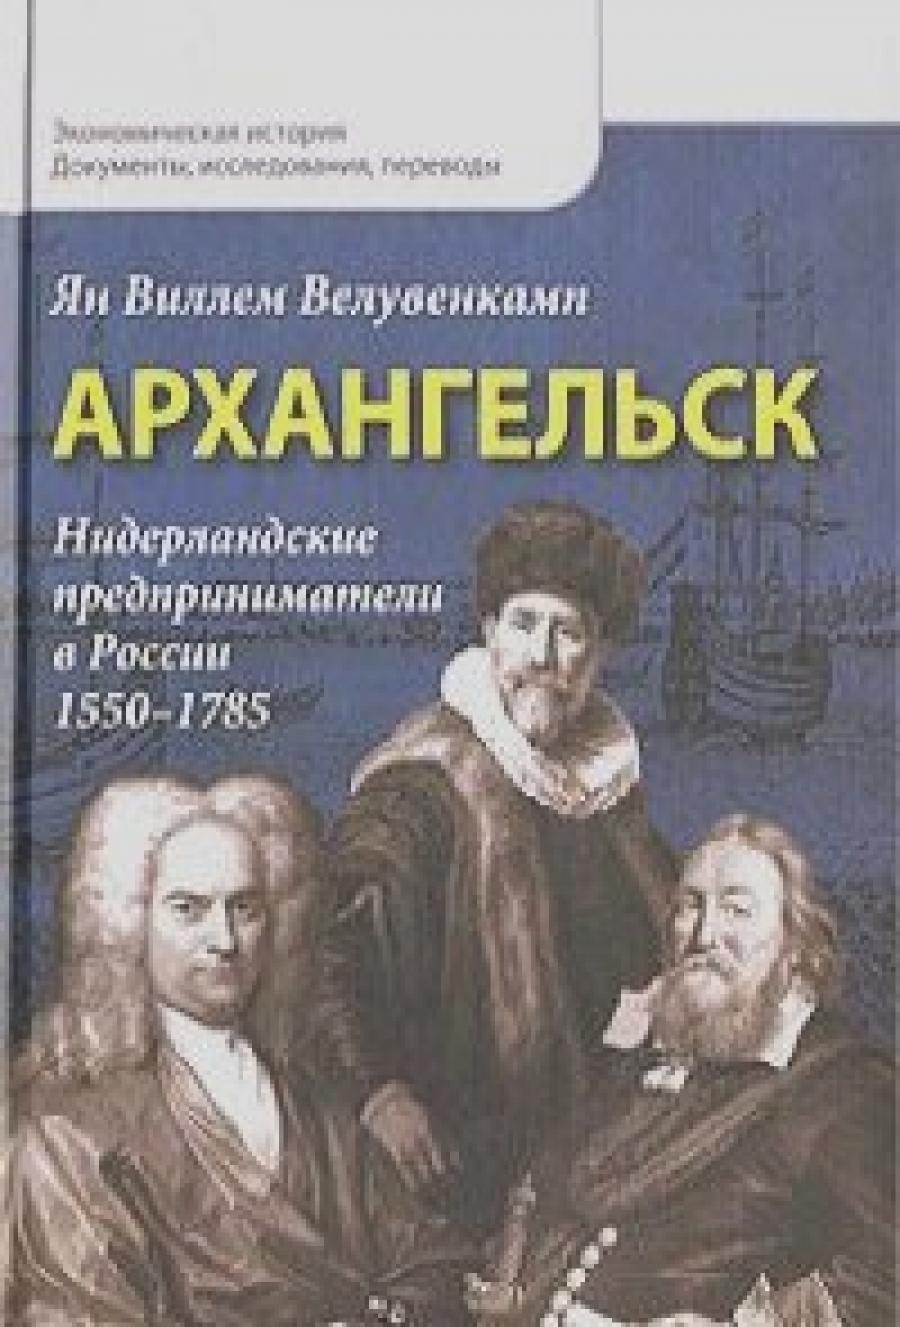 Обложка книги:  велувенкамп ян в. - архангельск. нидерландские предприниматели в россии. 1550-1785